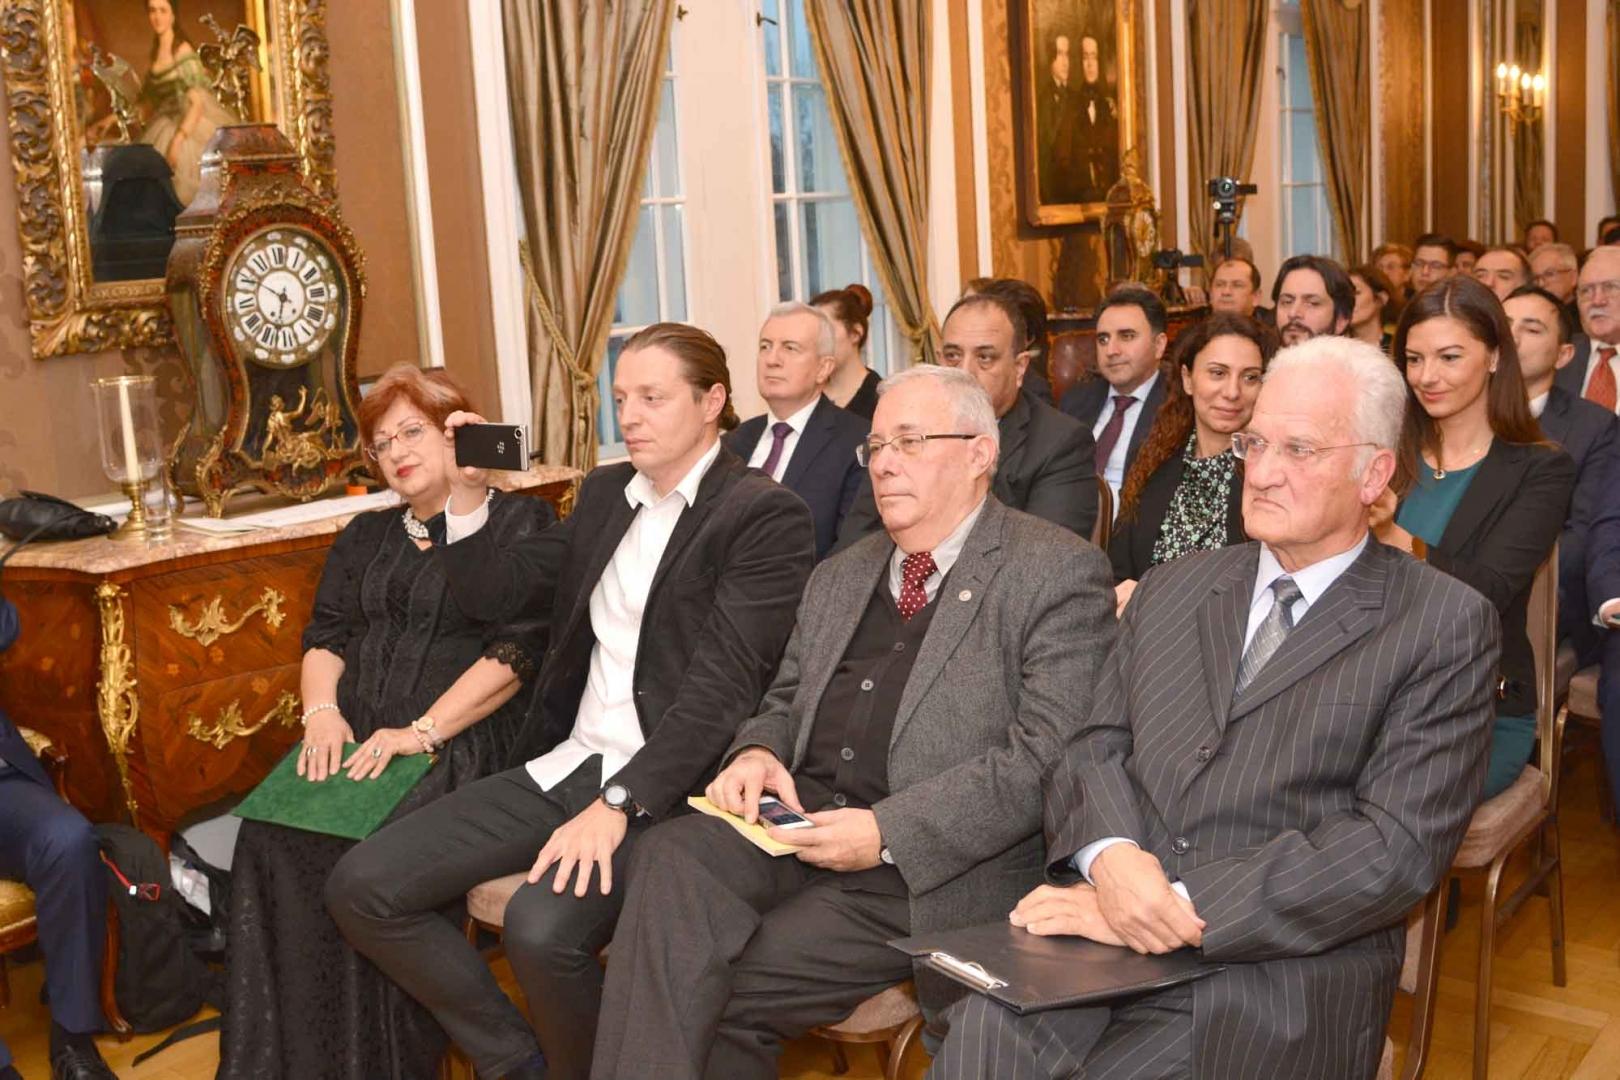 Mandoki Kongur ve Badrutdin 09 Aralık 2019'da Budapeşte'de anıldı. TÜRKSOY, Türk Konseyi, Yunus Emre Enstitüsü, Türkiye, Azerbaycan ve Kazakistan büyükelçiliklerinin iş birliğiyle düzenlenen toplantıda ben de bir şeyler söyledim. Kongur'un bulduğu atalardan kalan duayı okuyarak onun ruhu önünde eğildik.